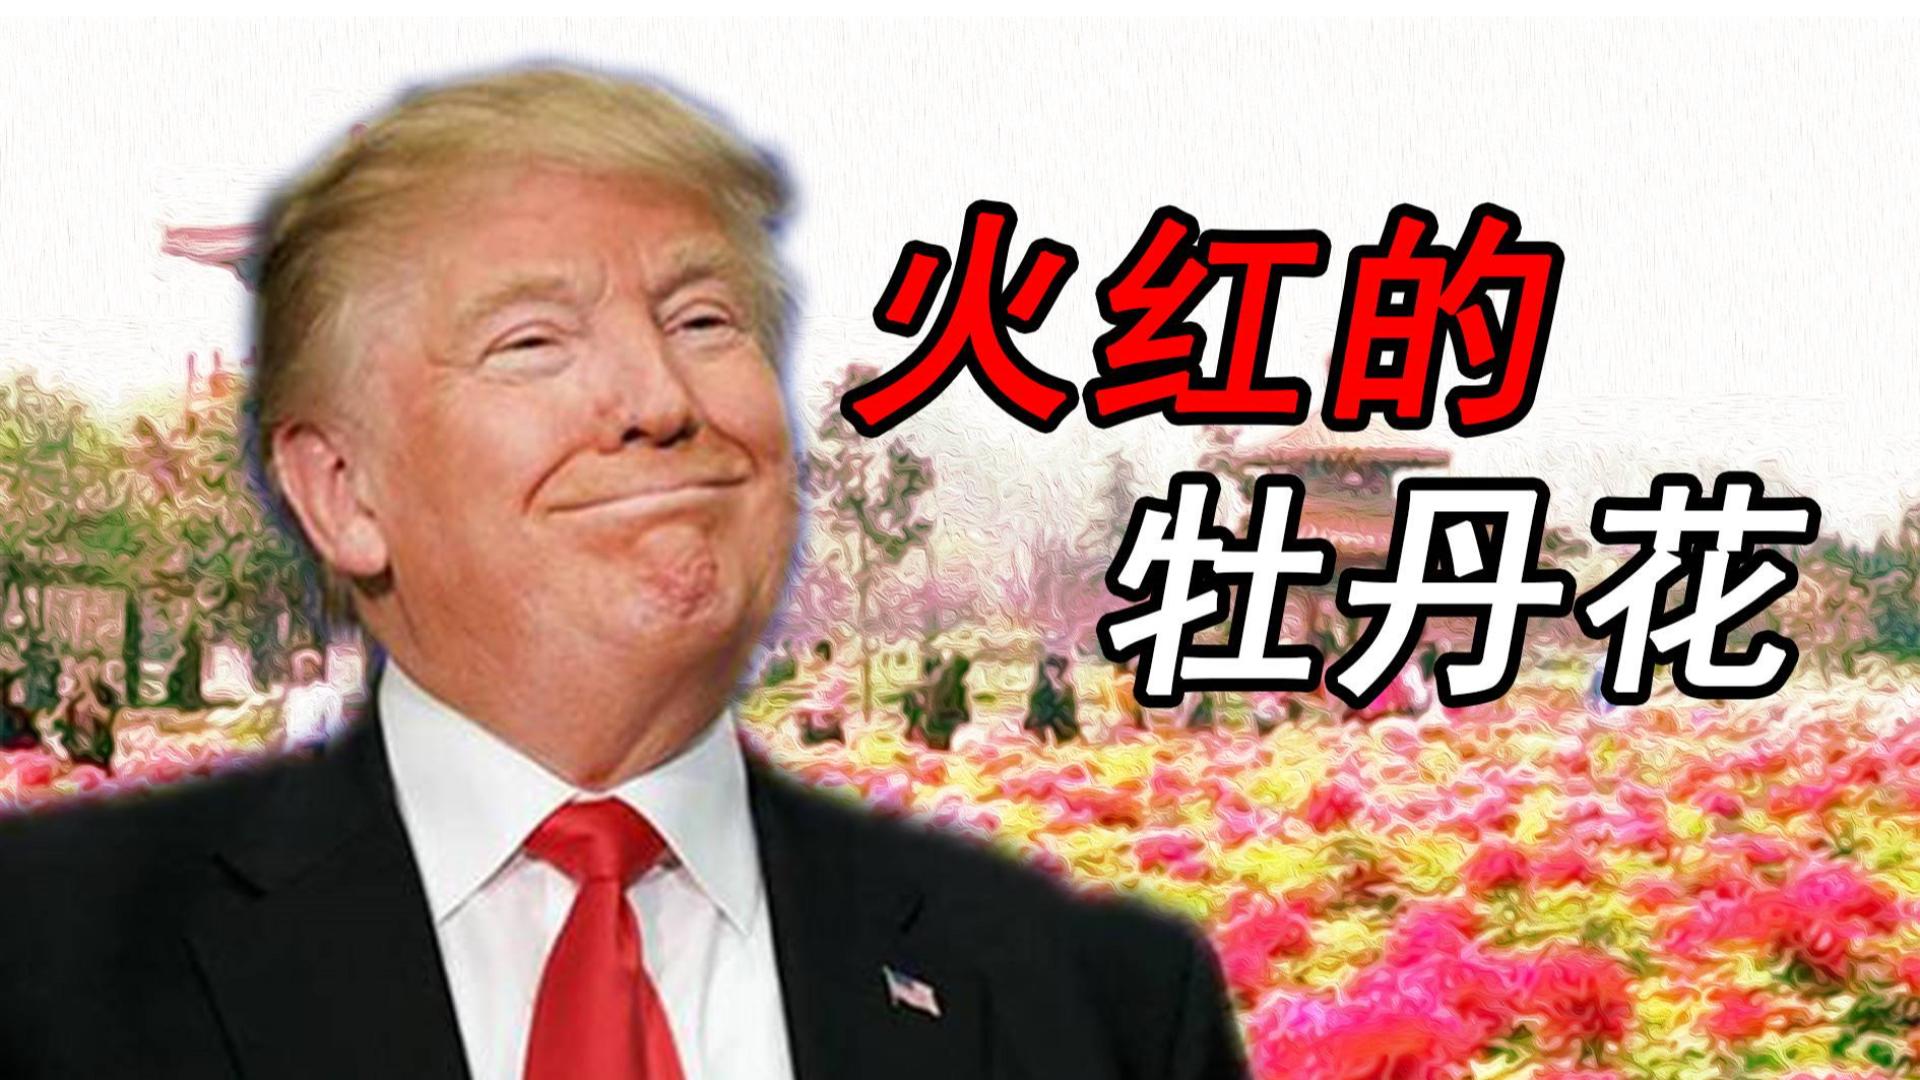 【川普】 火红的牡丹花(火红的撒日朗)